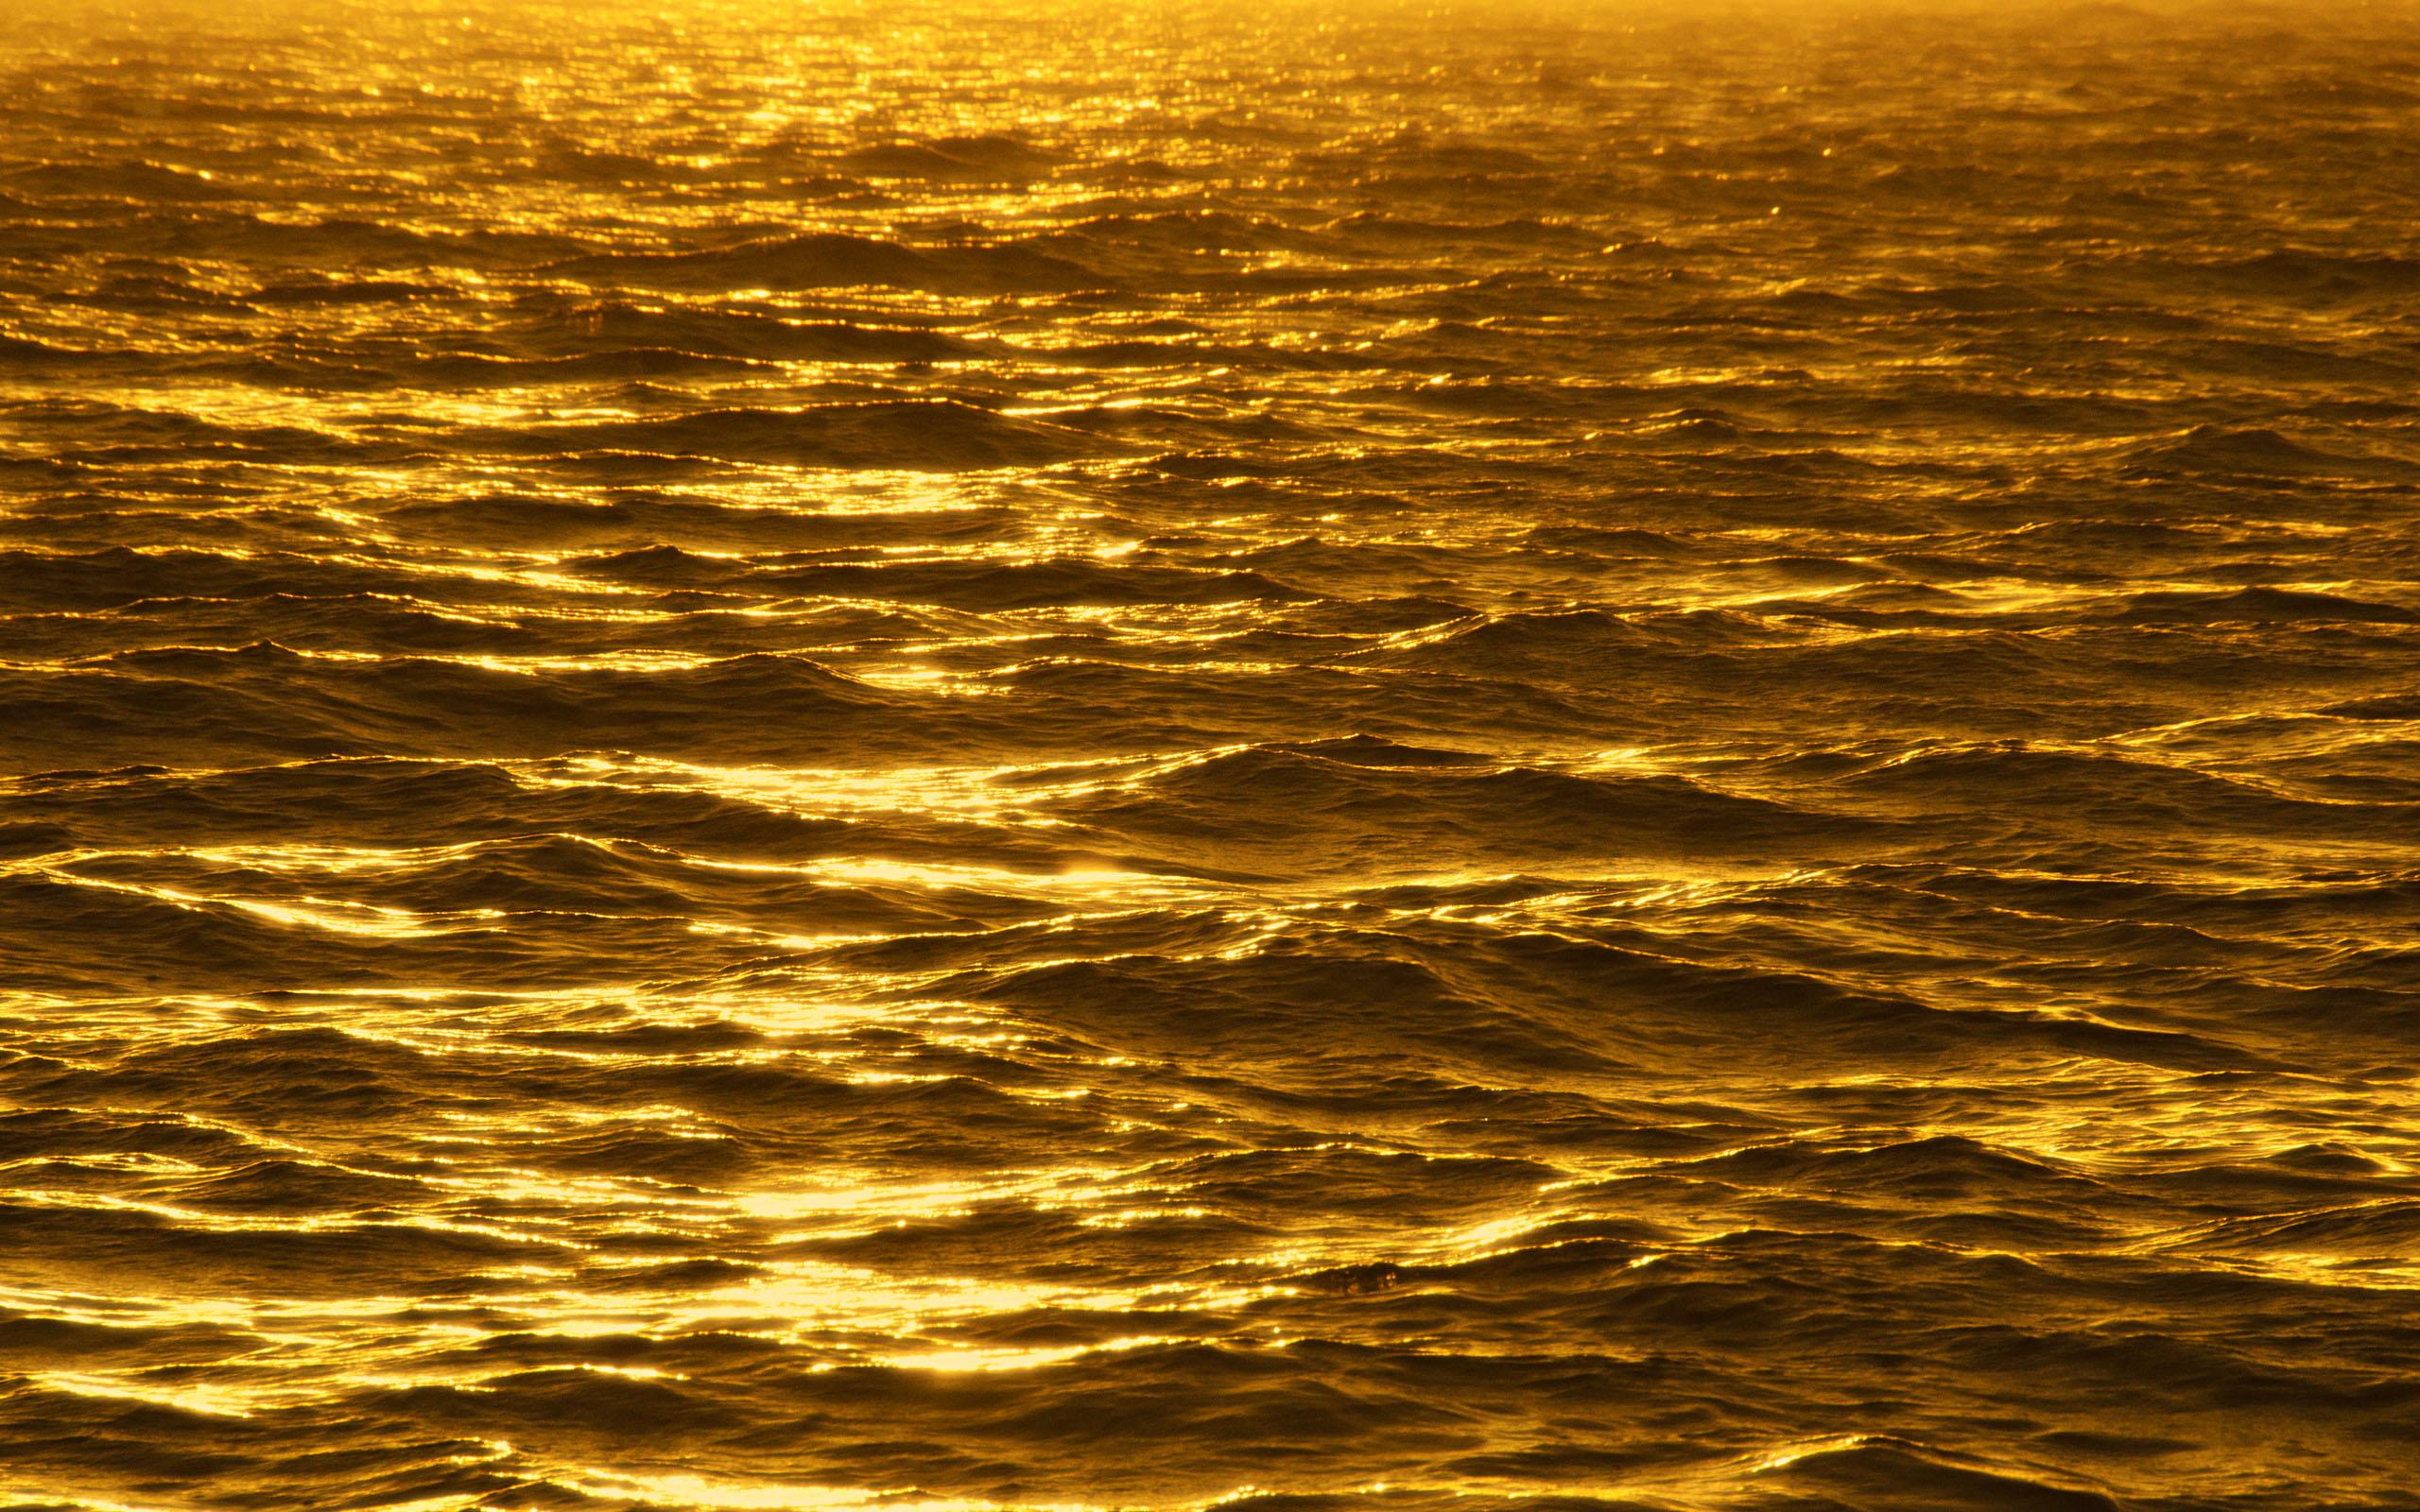 Gold Wallpapers Ocean HD Desktop Wallpapers 4k HD